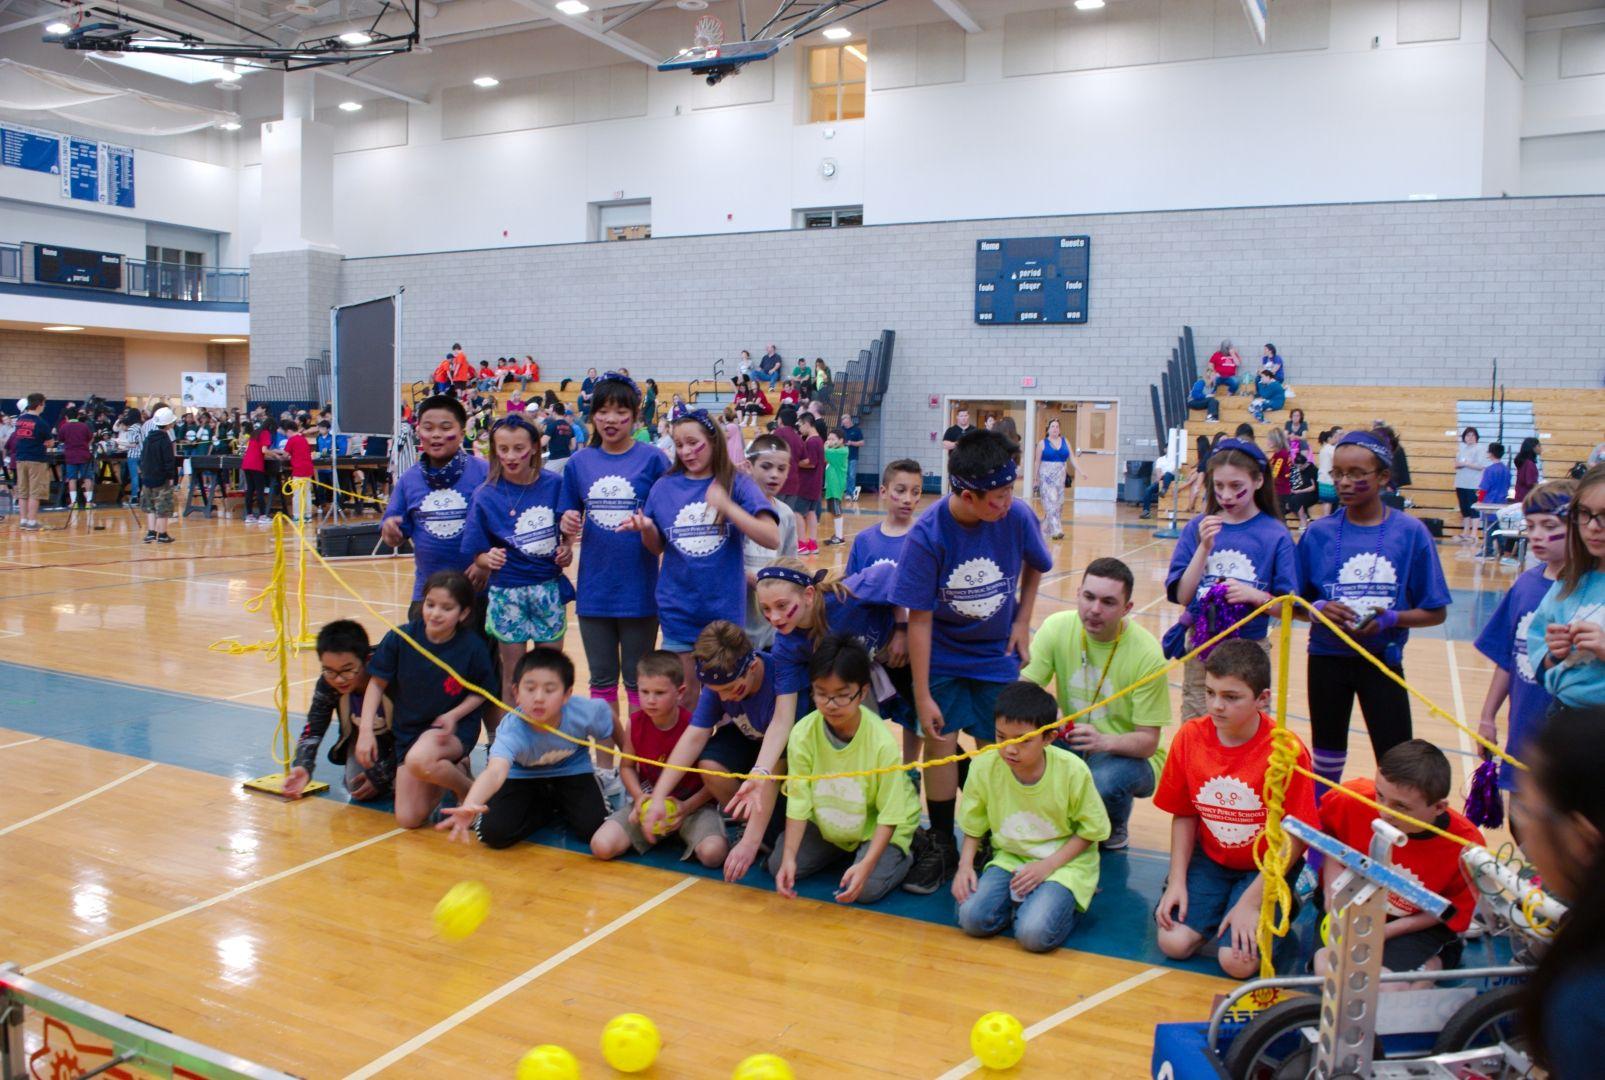 092.2017 Quincy Public Schools Robotics Challenge